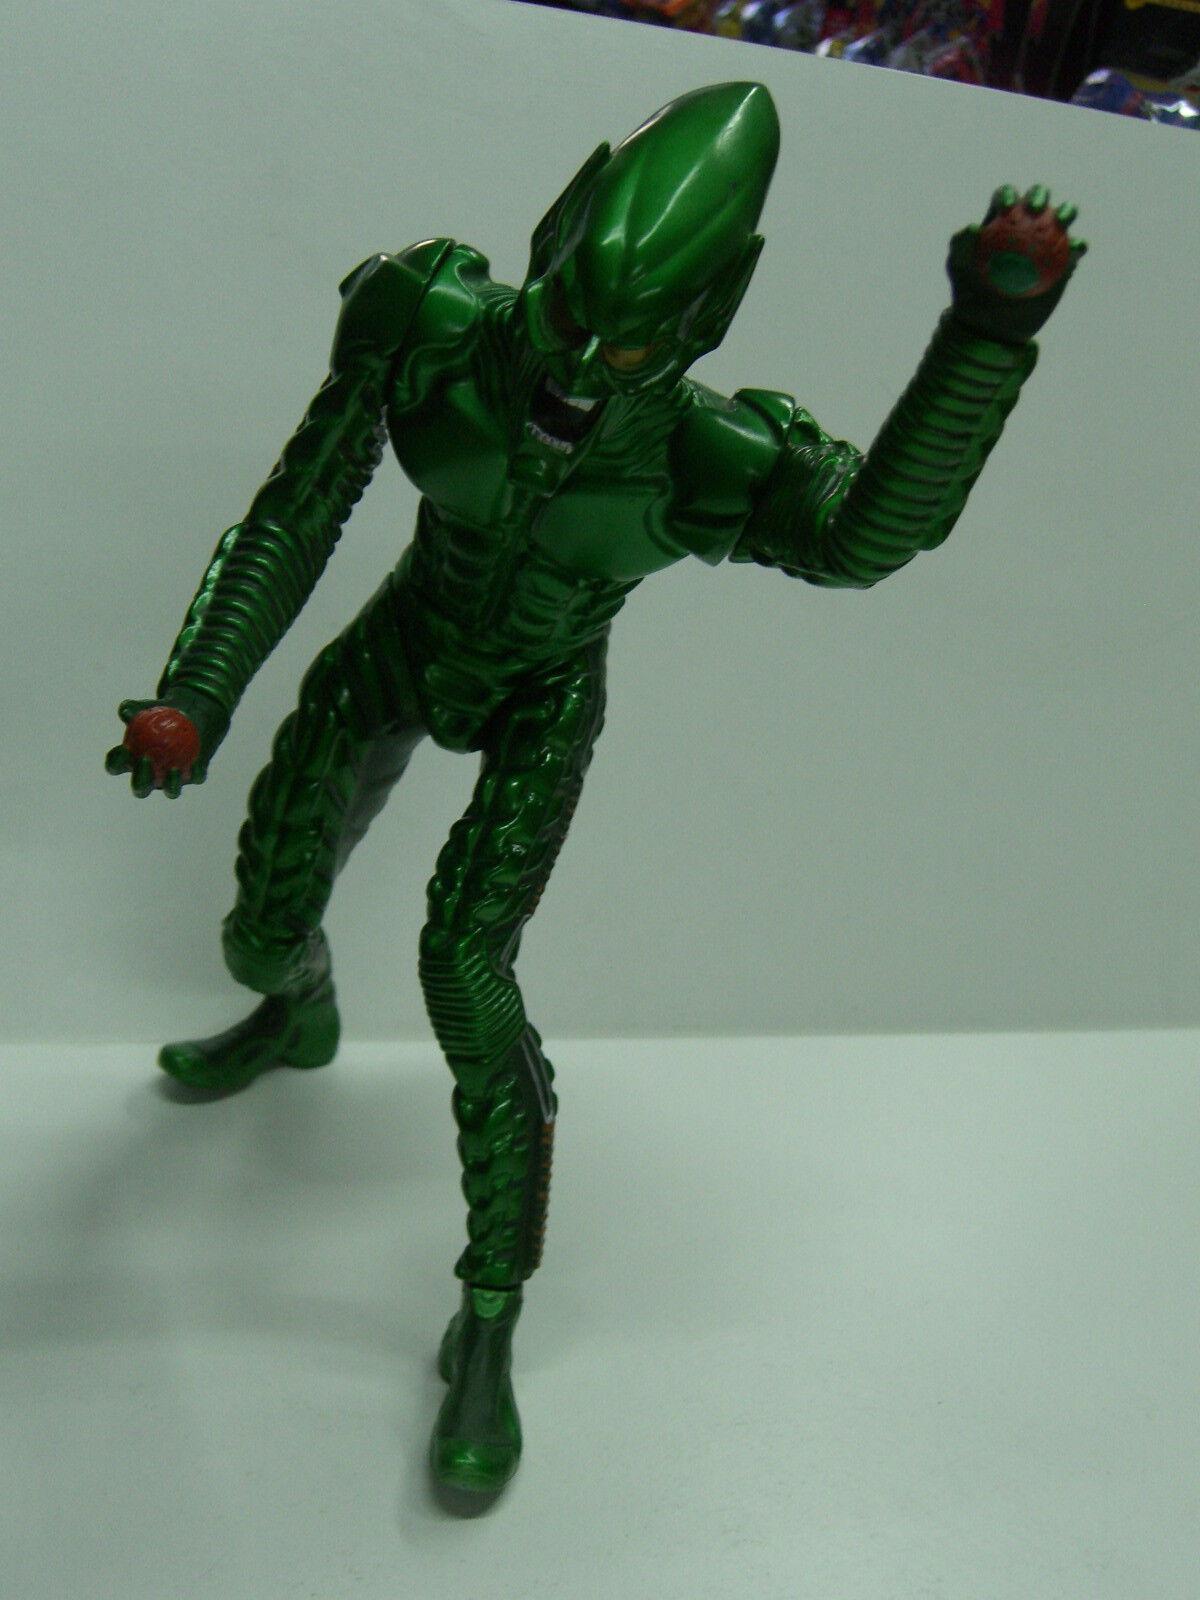 Spiderman - film Grün goblin pvc figure 12  voll bewegliche statue spielzeug - geschäft